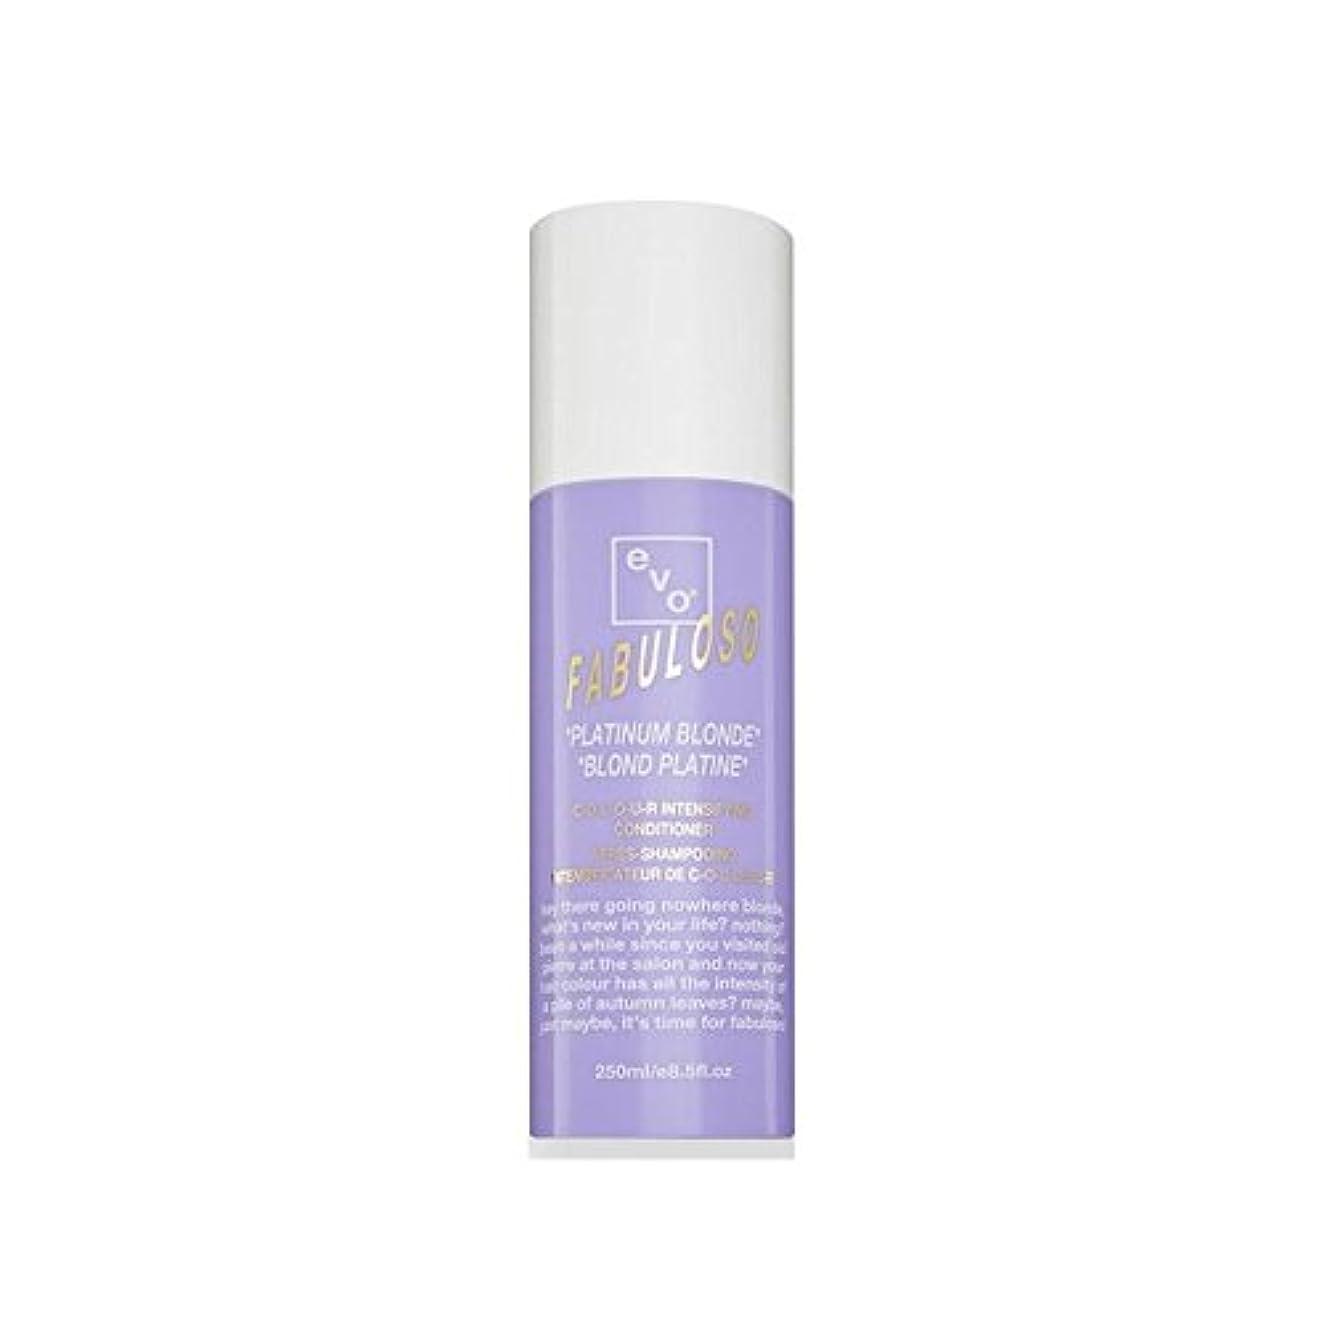 指紋成功した心理的Evo Fabuloso Colour Intensifying Conditioner Platinum Blonde (250ml) - 色増コンディショナープラチナブロンド(250ミリリットル) [並行輸入品]